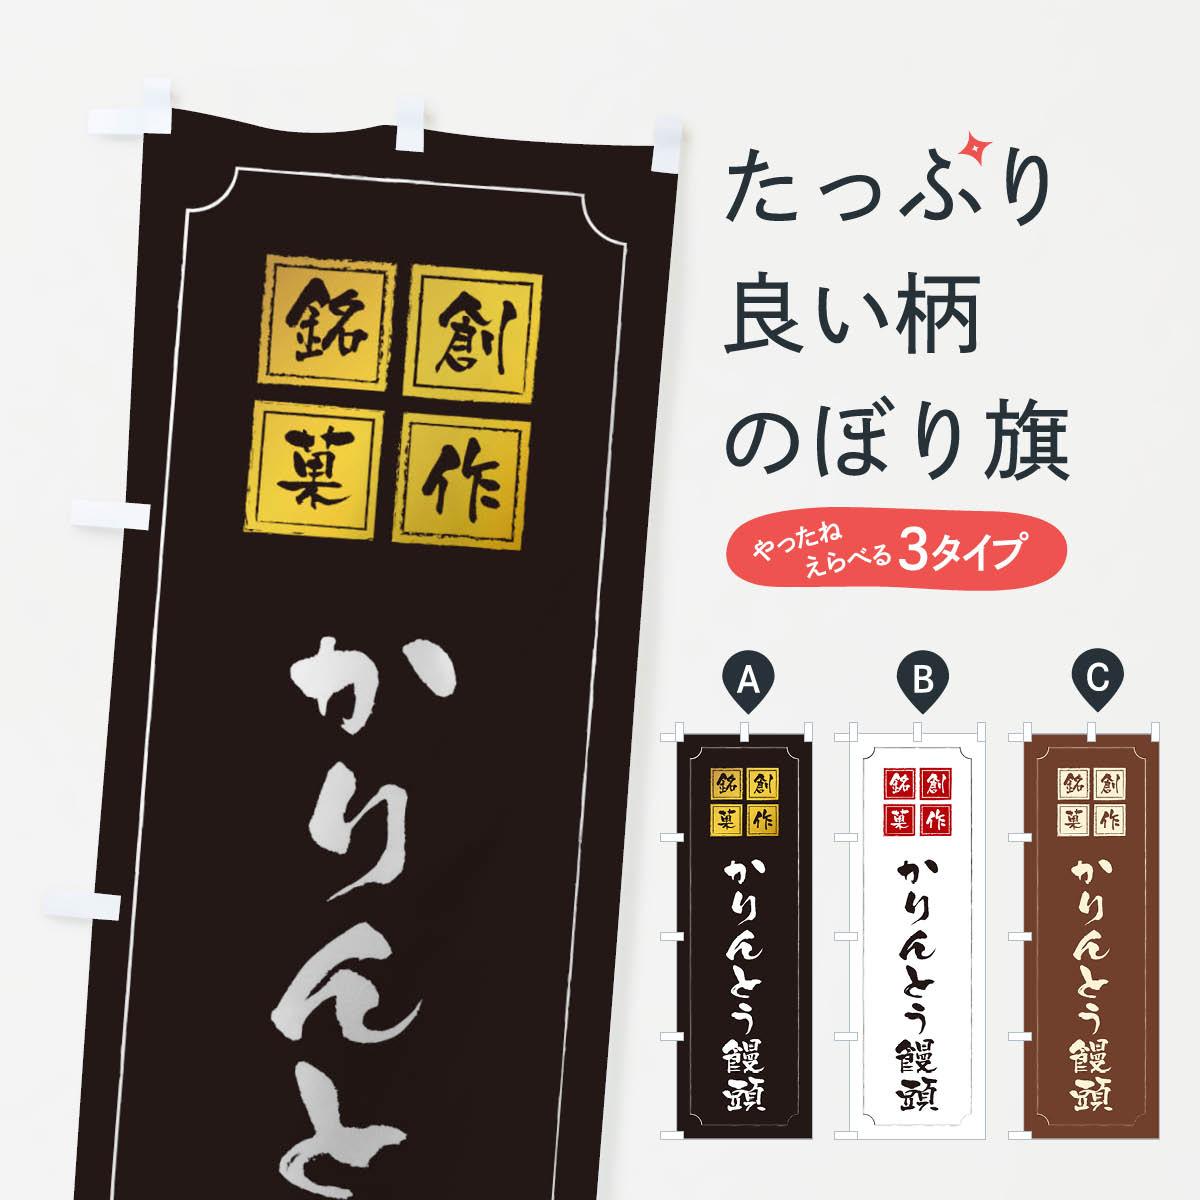 【3980送料無料】 のぼり旗 かりんとう饅頭のぼり 饅頭・蒸し菓子画像